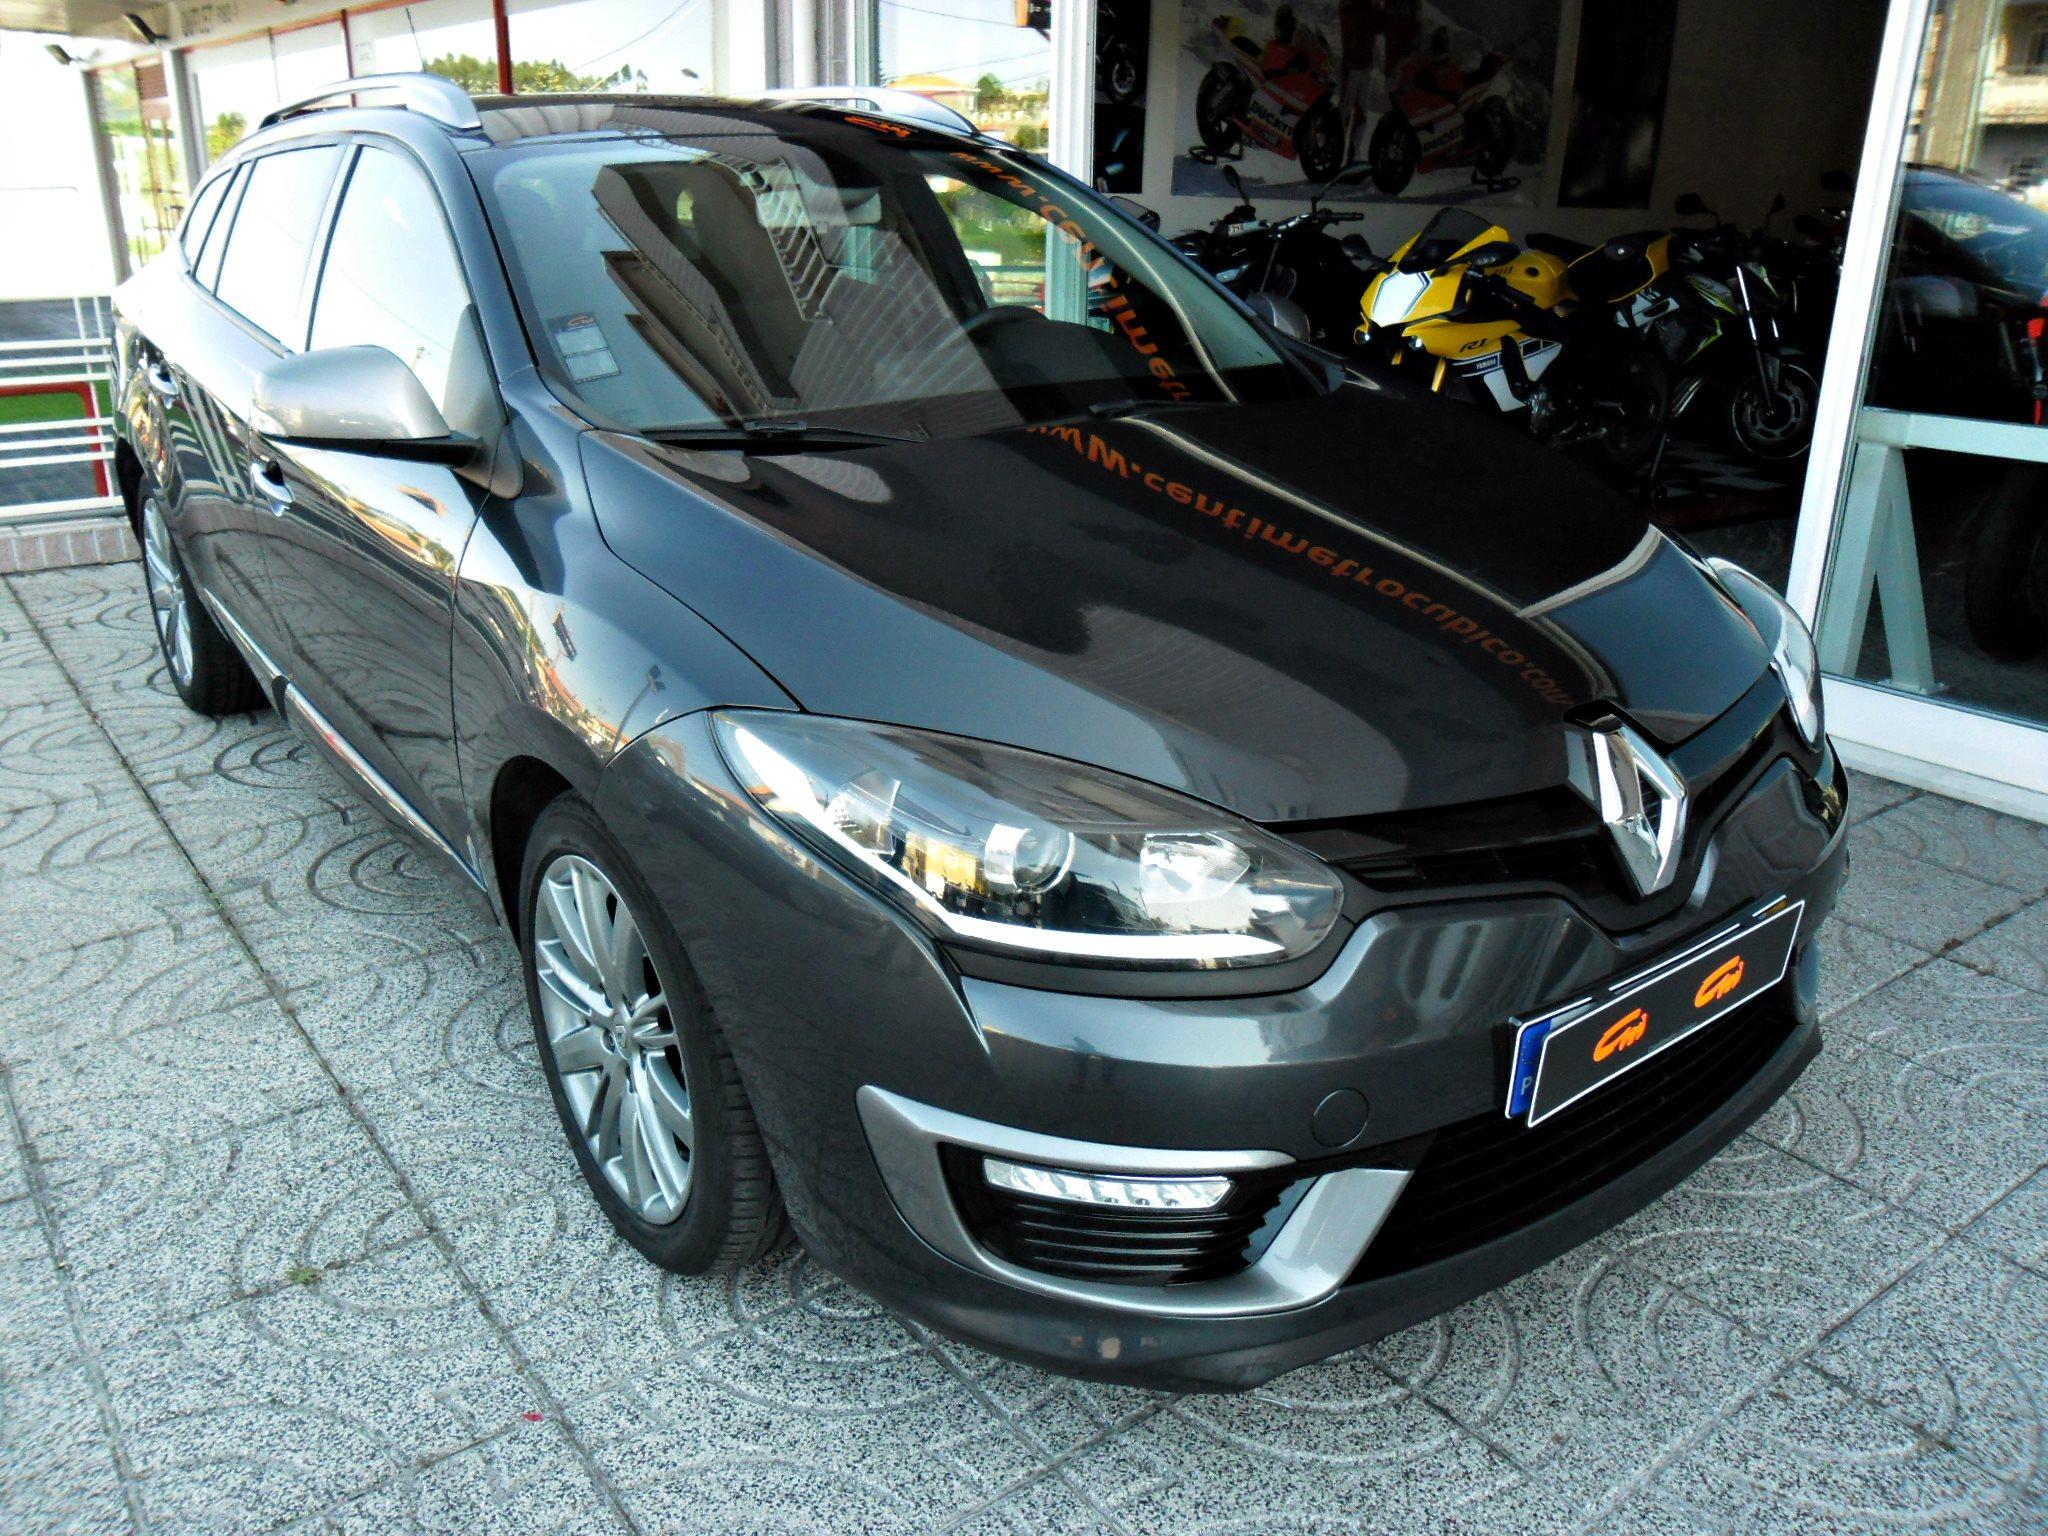 Renault Megane Sport Tourer 1.6Dci 130cv GT Line